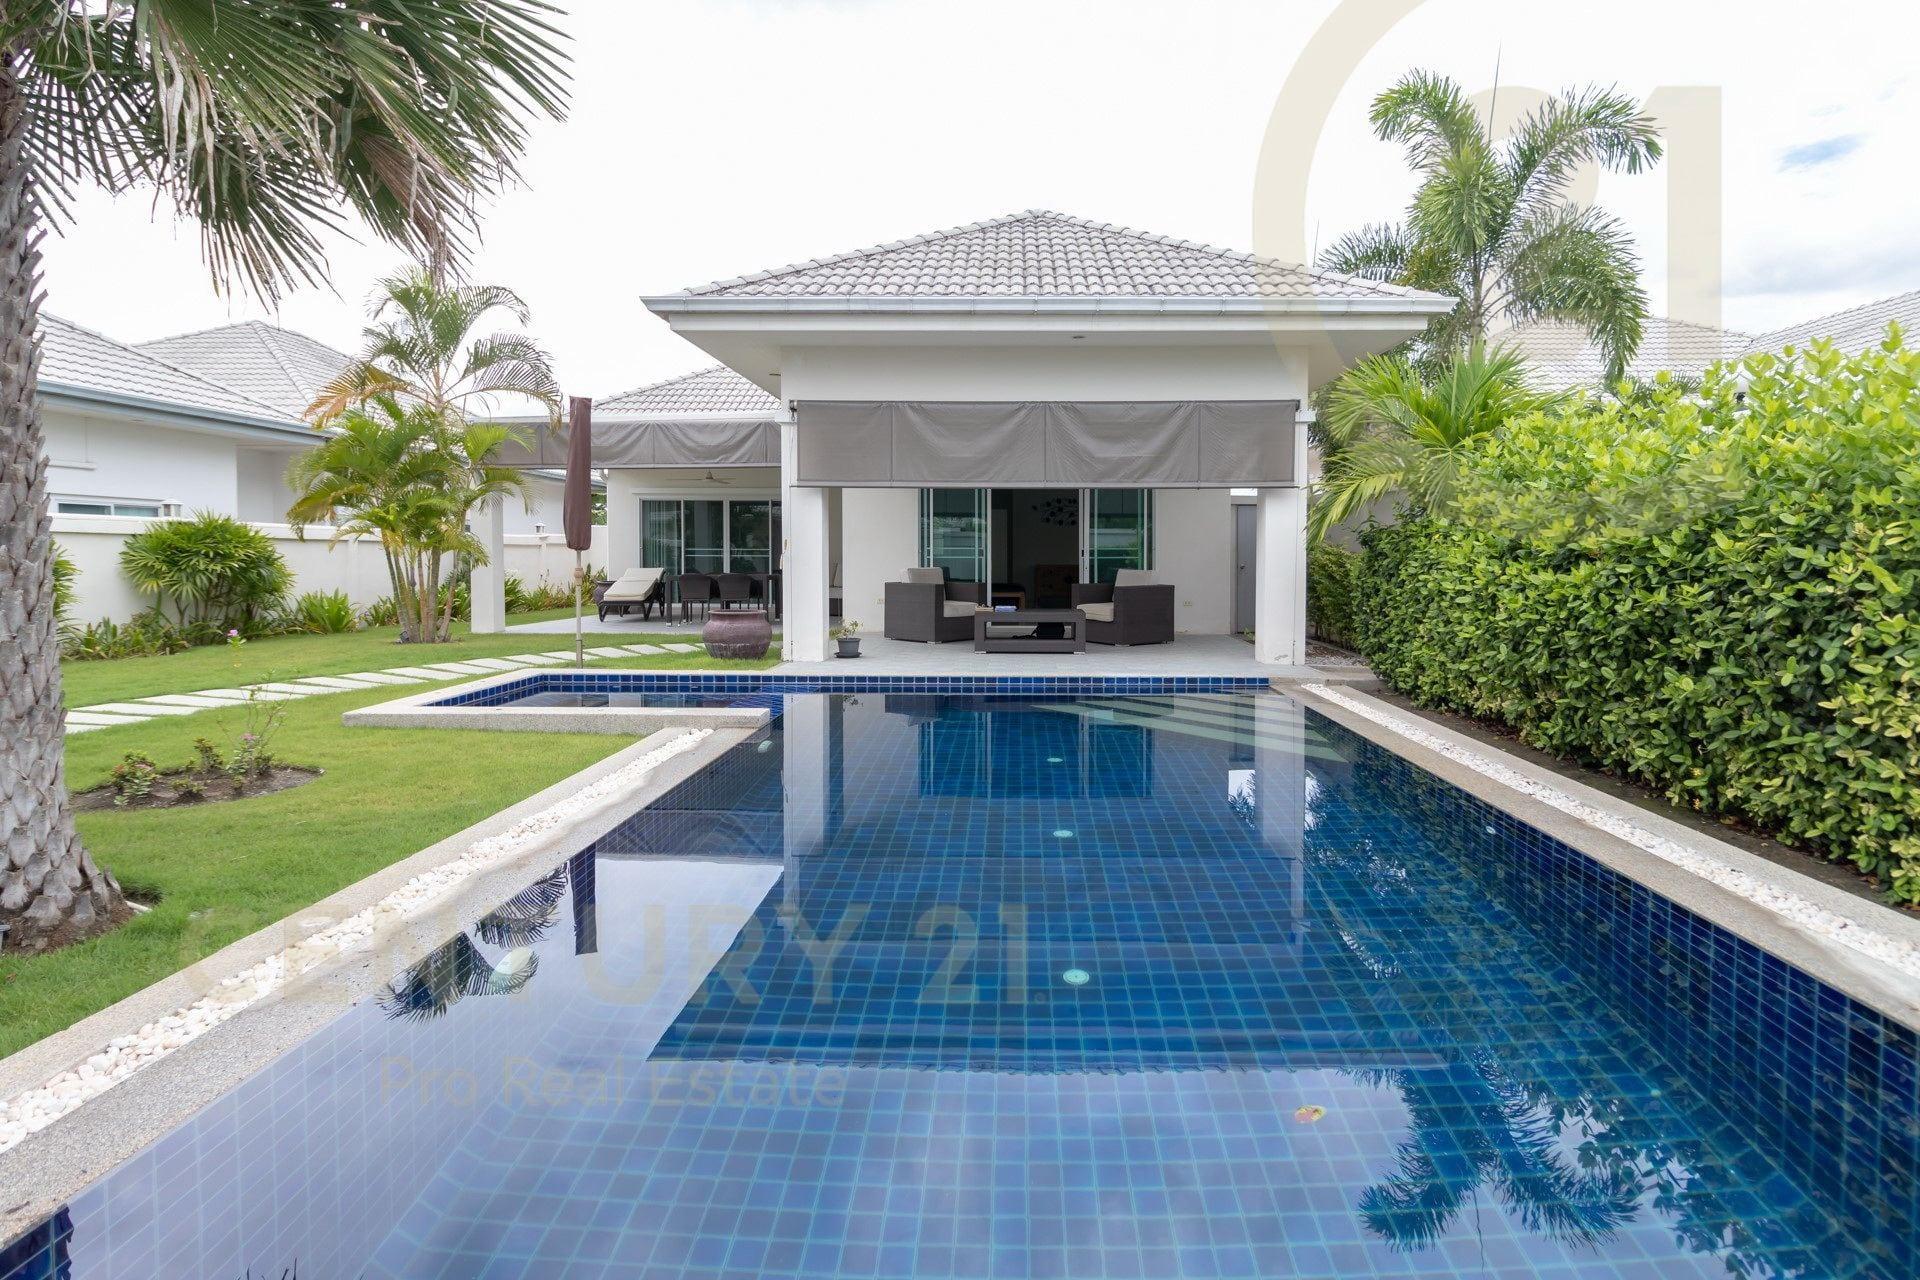 Villa en Thaïlande pour 180 000 euros mais pour combien en France ?